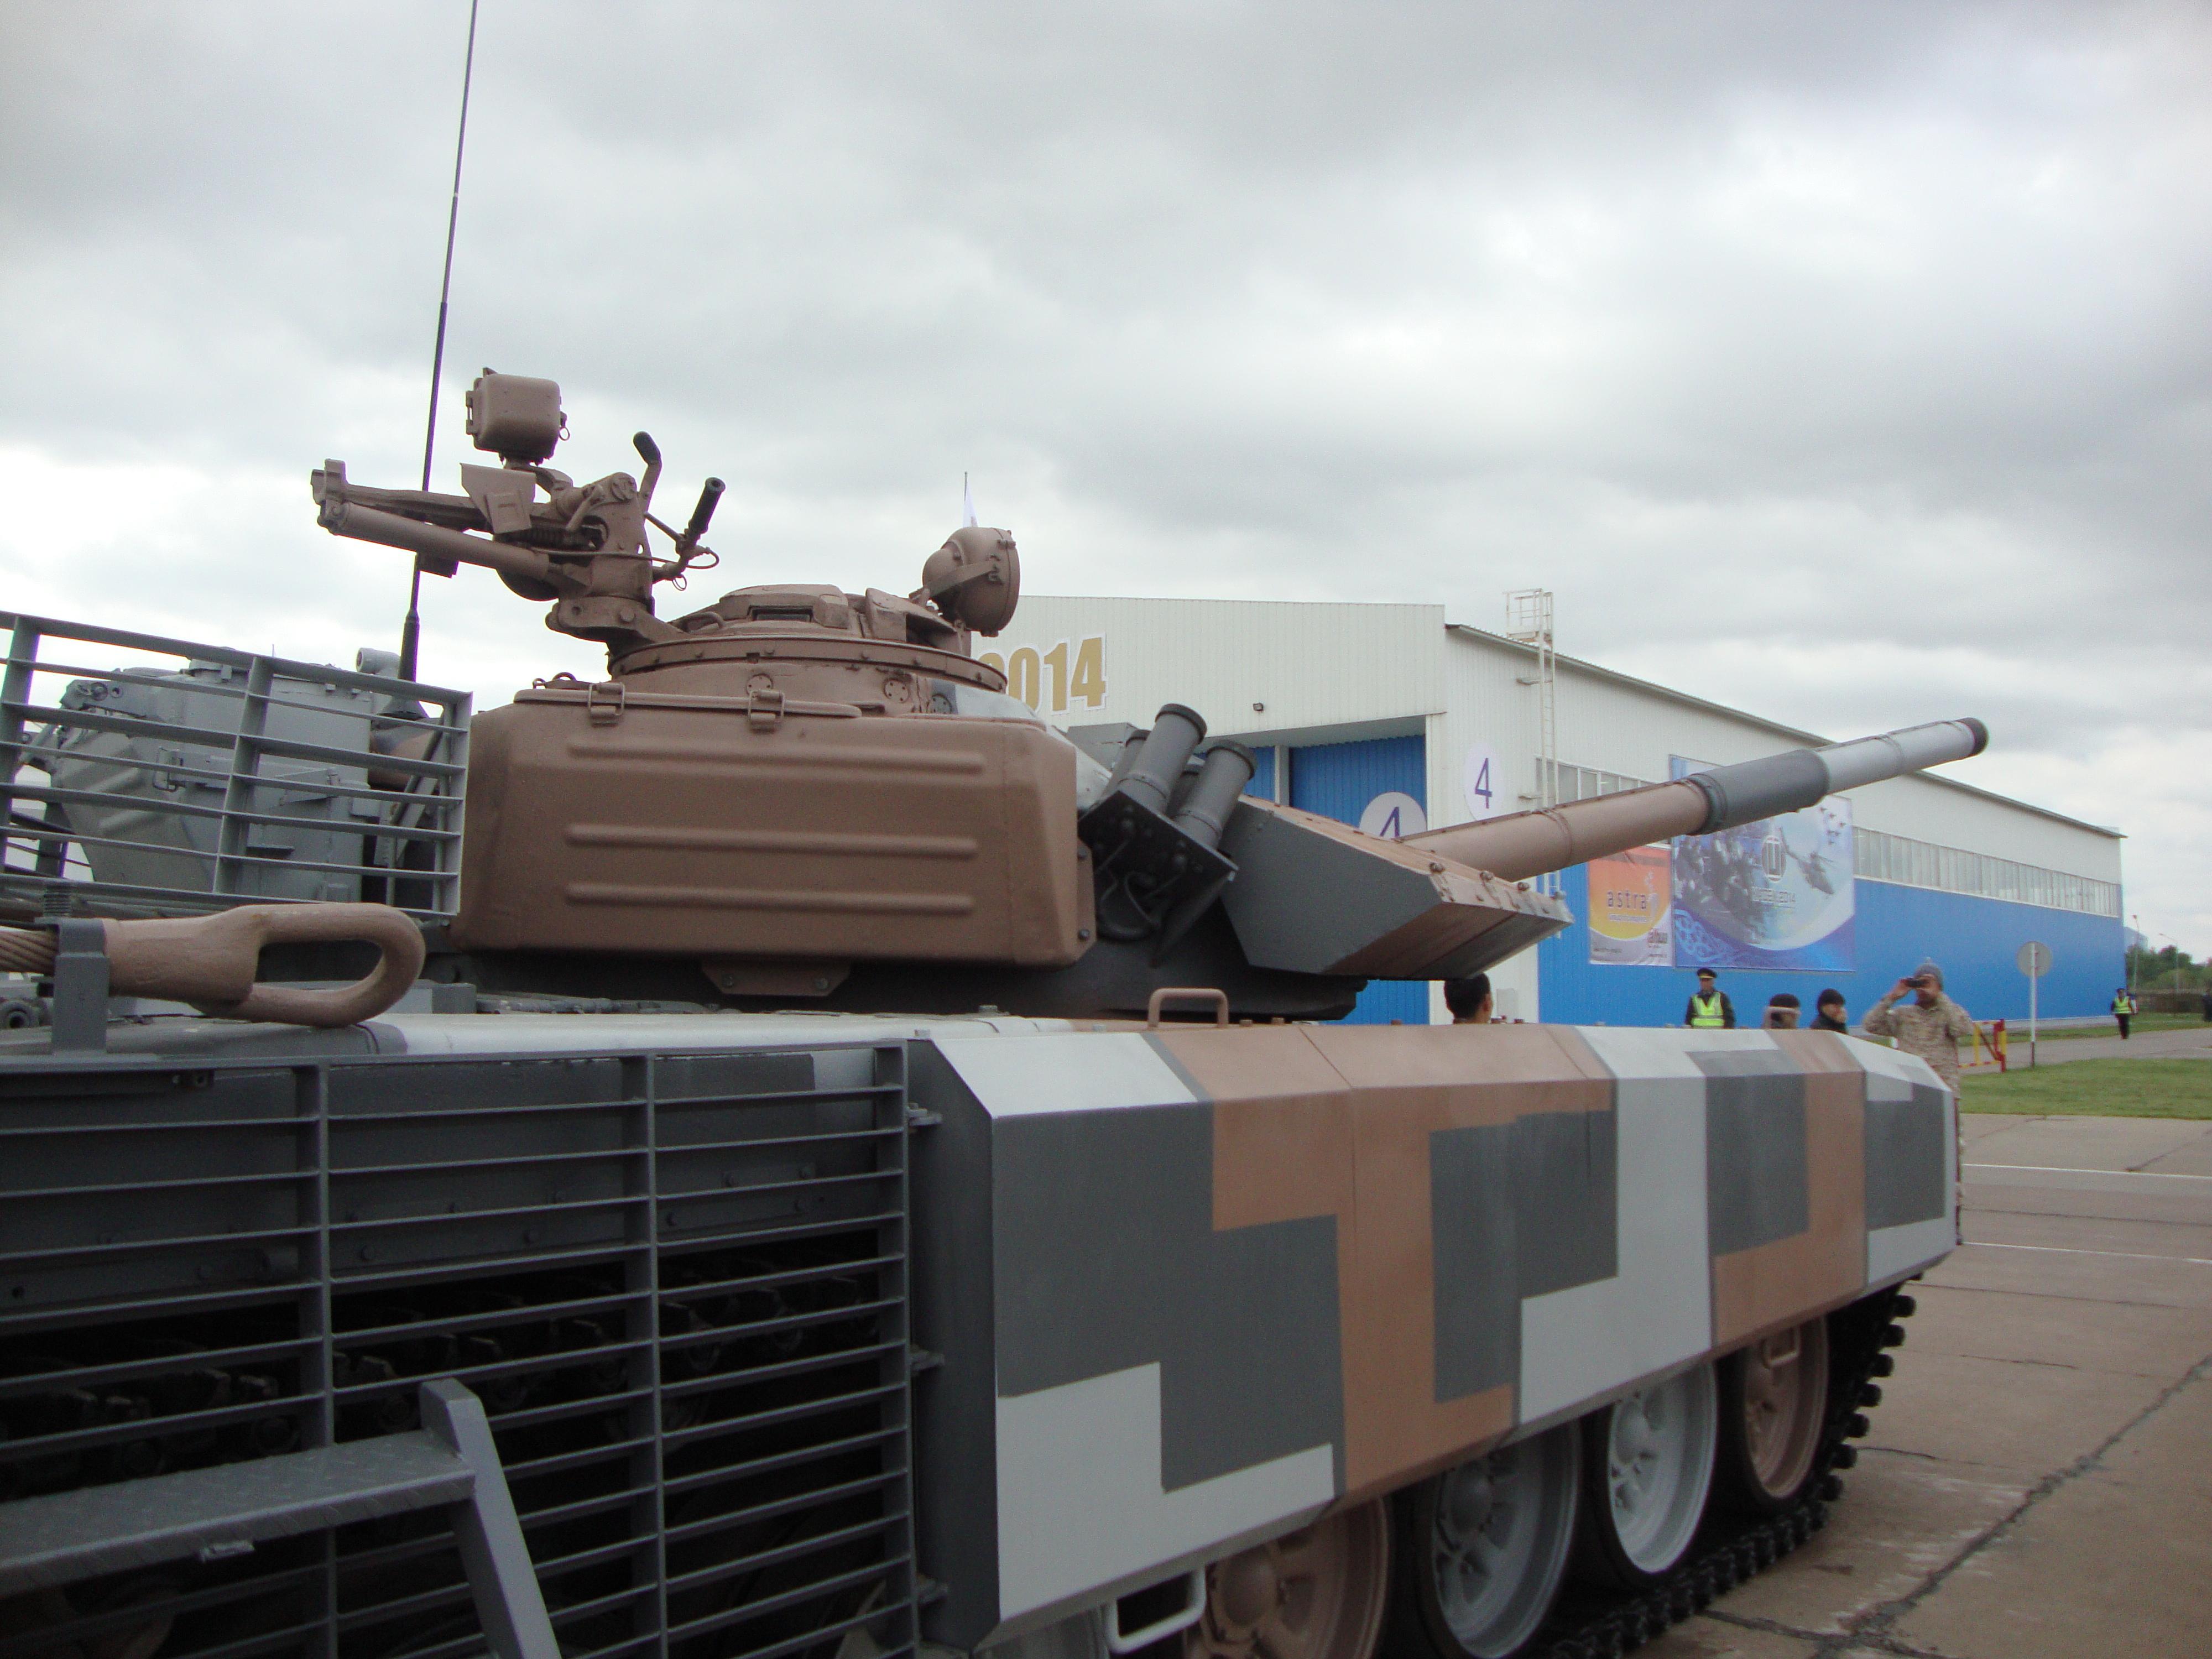 T-72 ΜΒΤ modernisation and variants - Page 7 SqhJR